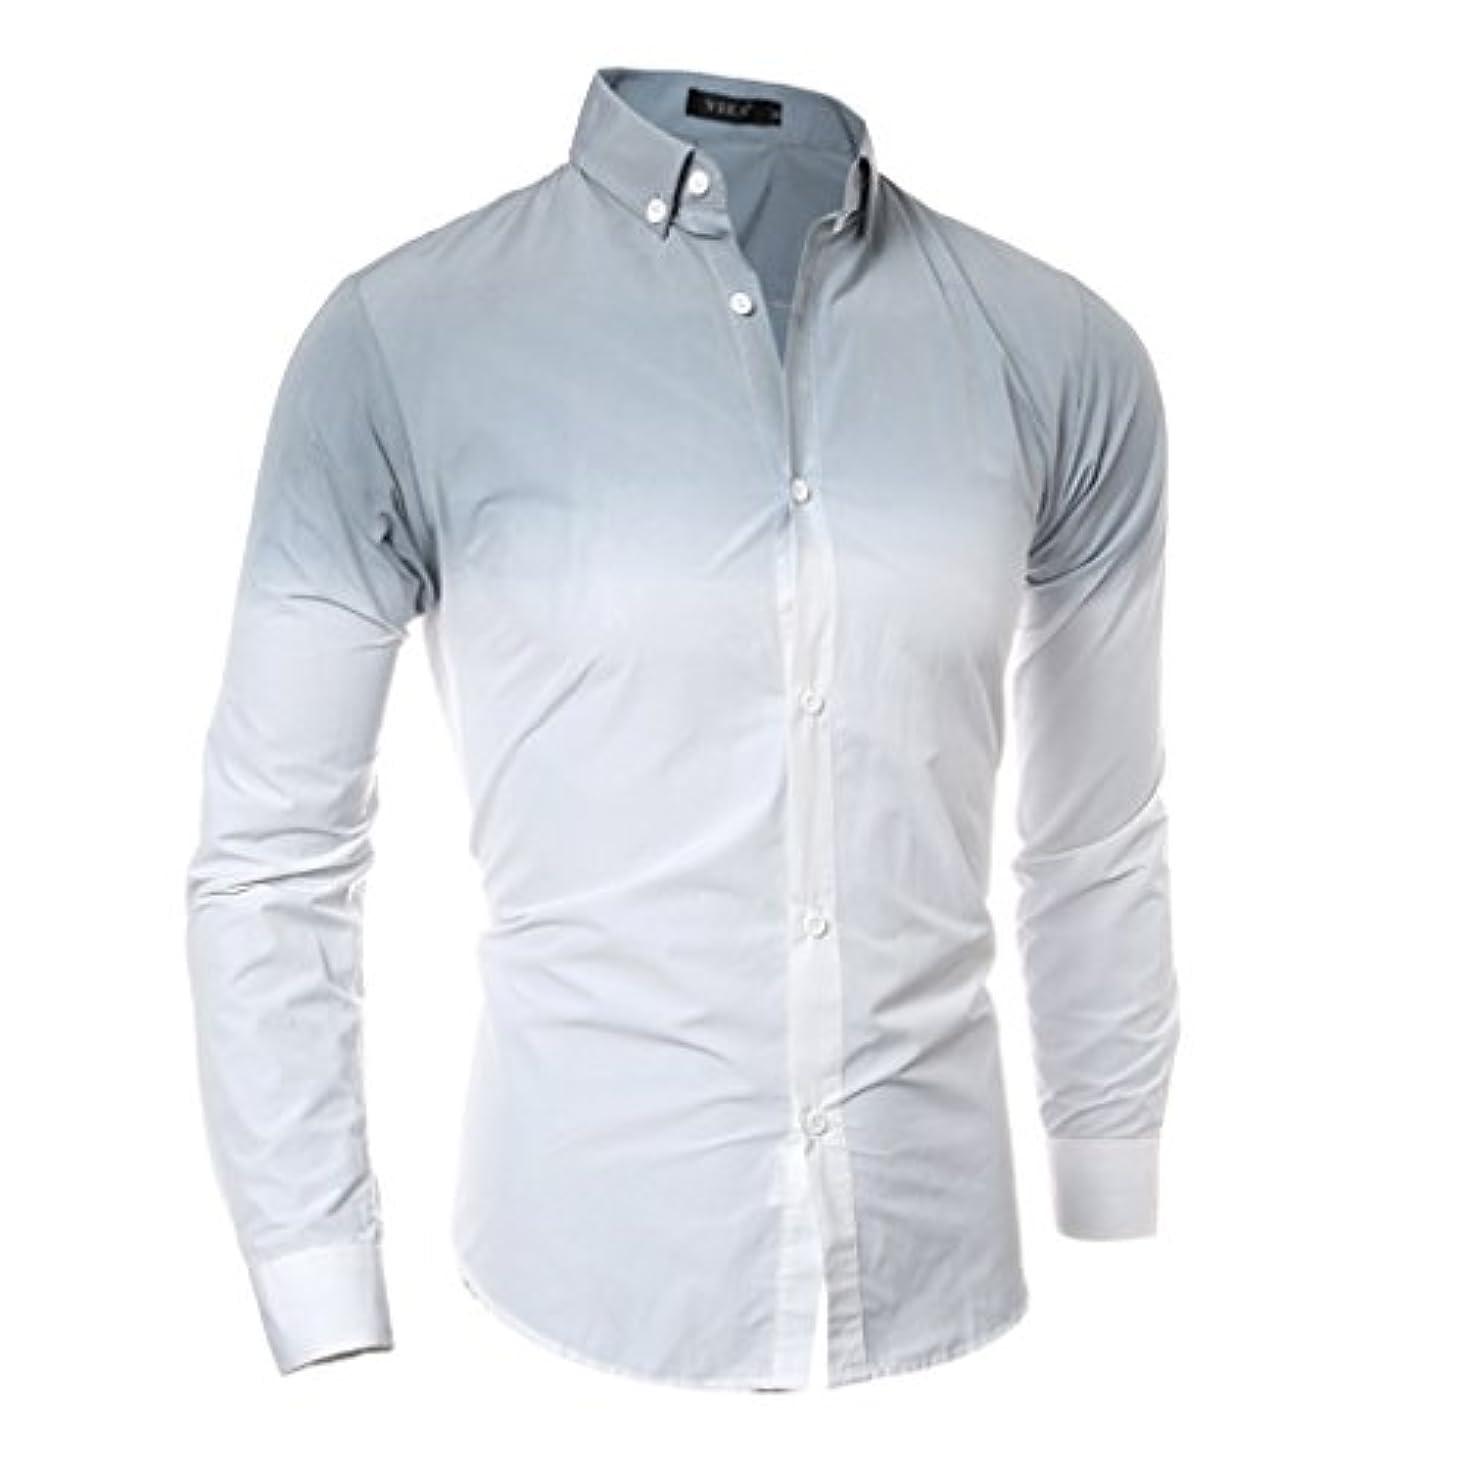 定常グラフ座標Honghu メンズ シャツ 長袖 グラデーション カジュアル スリム  グレー L 1PC